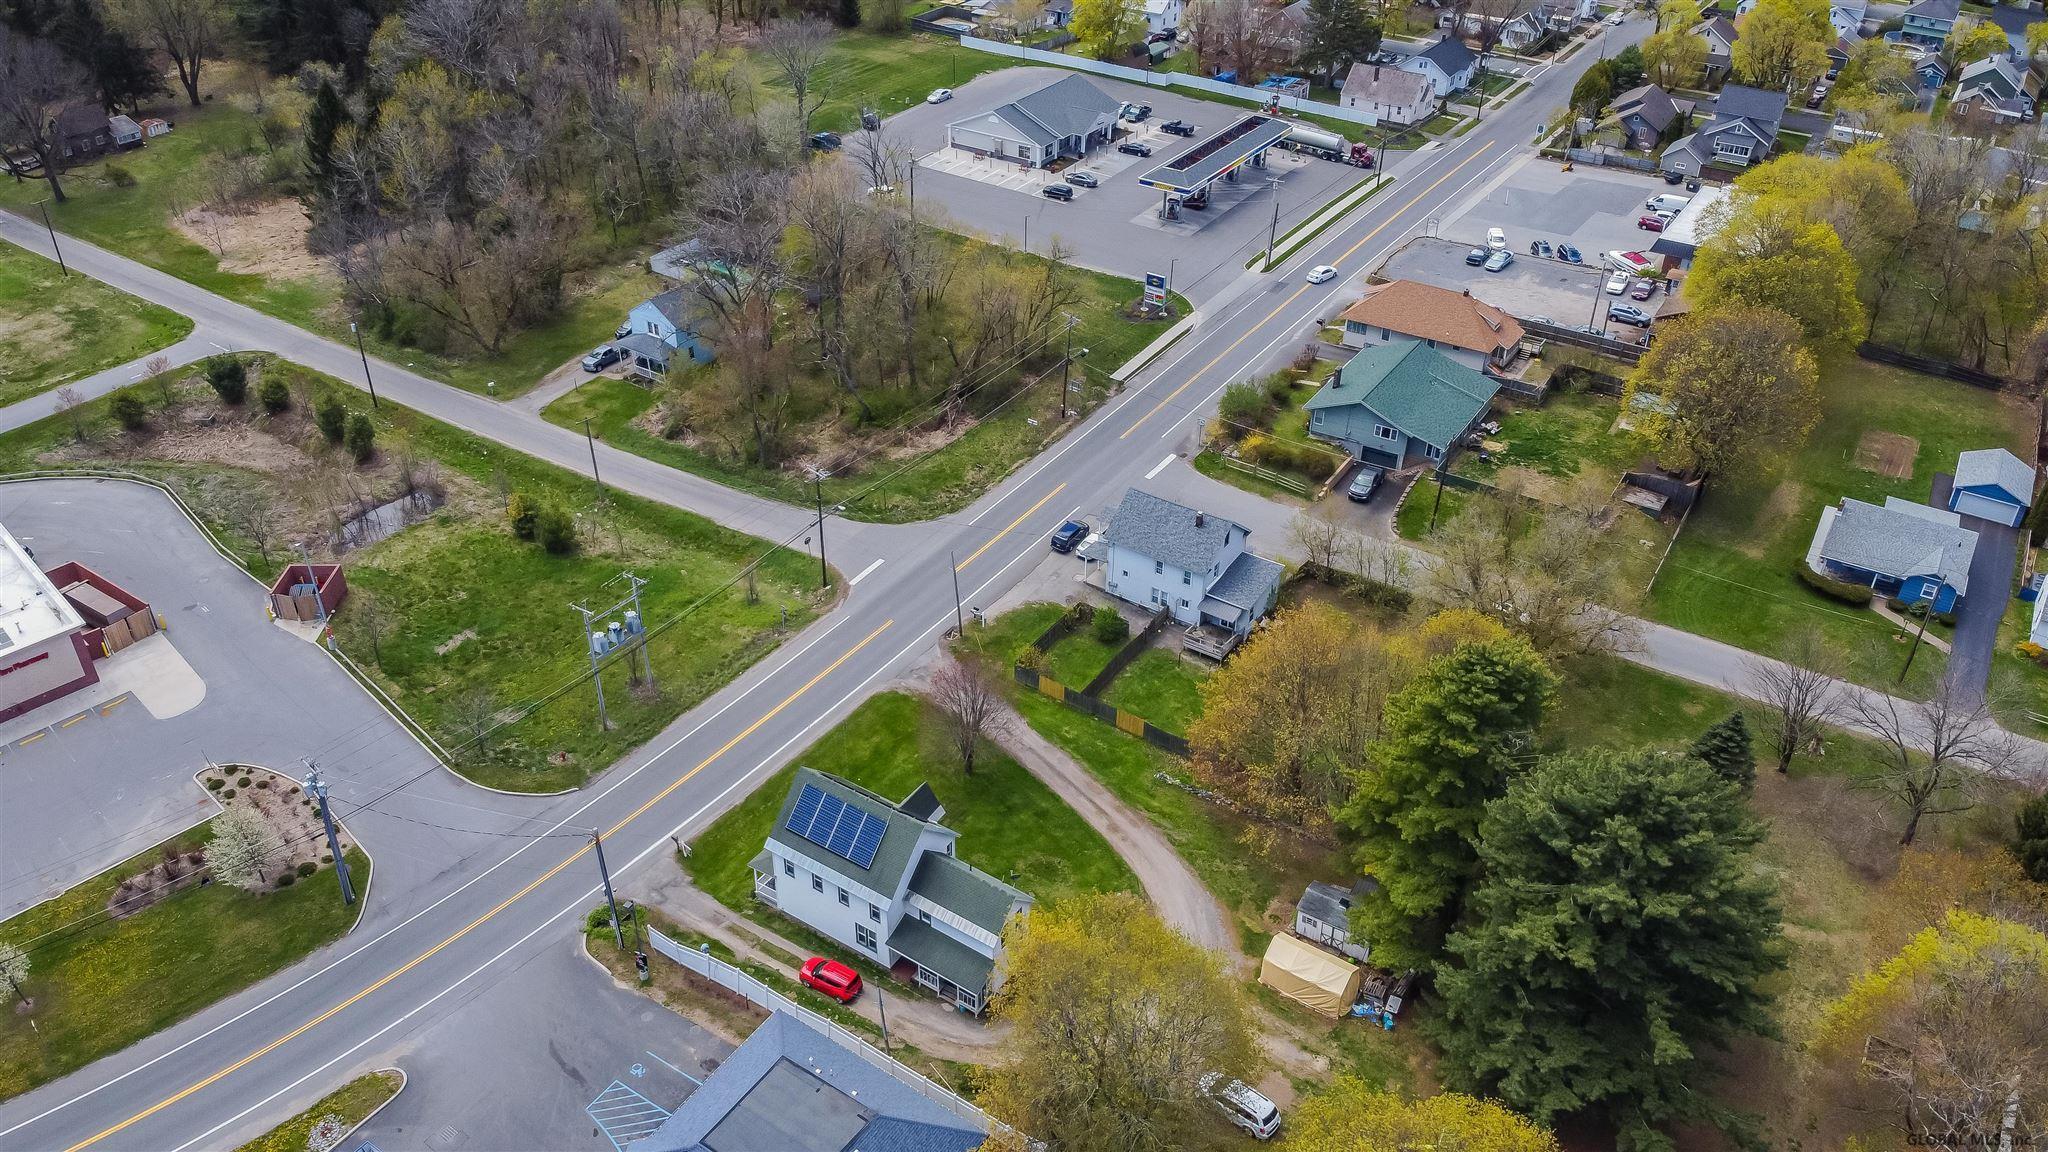 Gloversville image 43